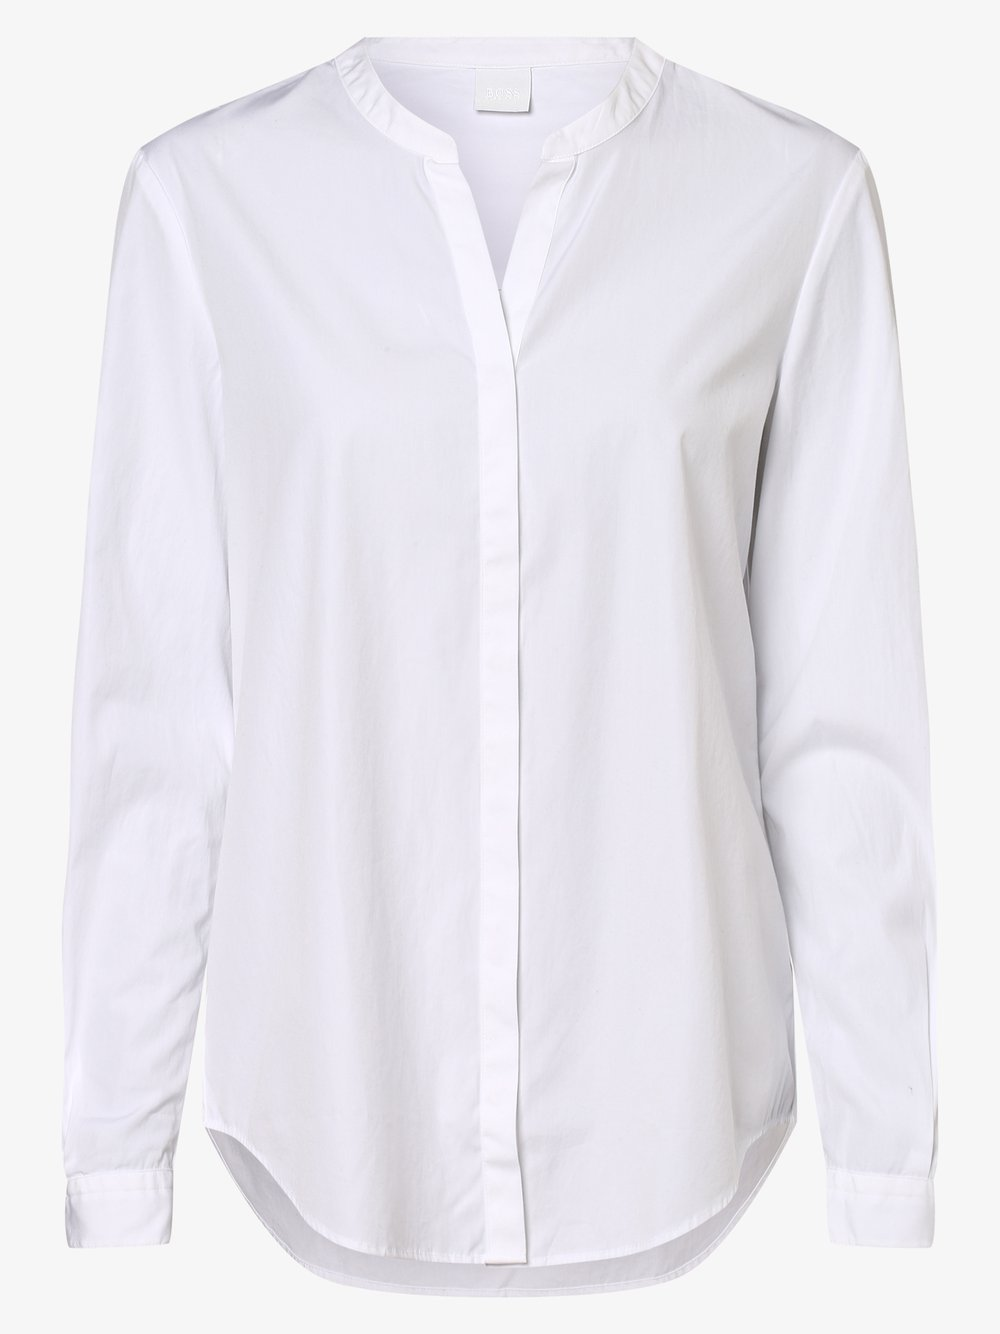 BOSS Casual - Bluzka damska – Efelize_9, biały